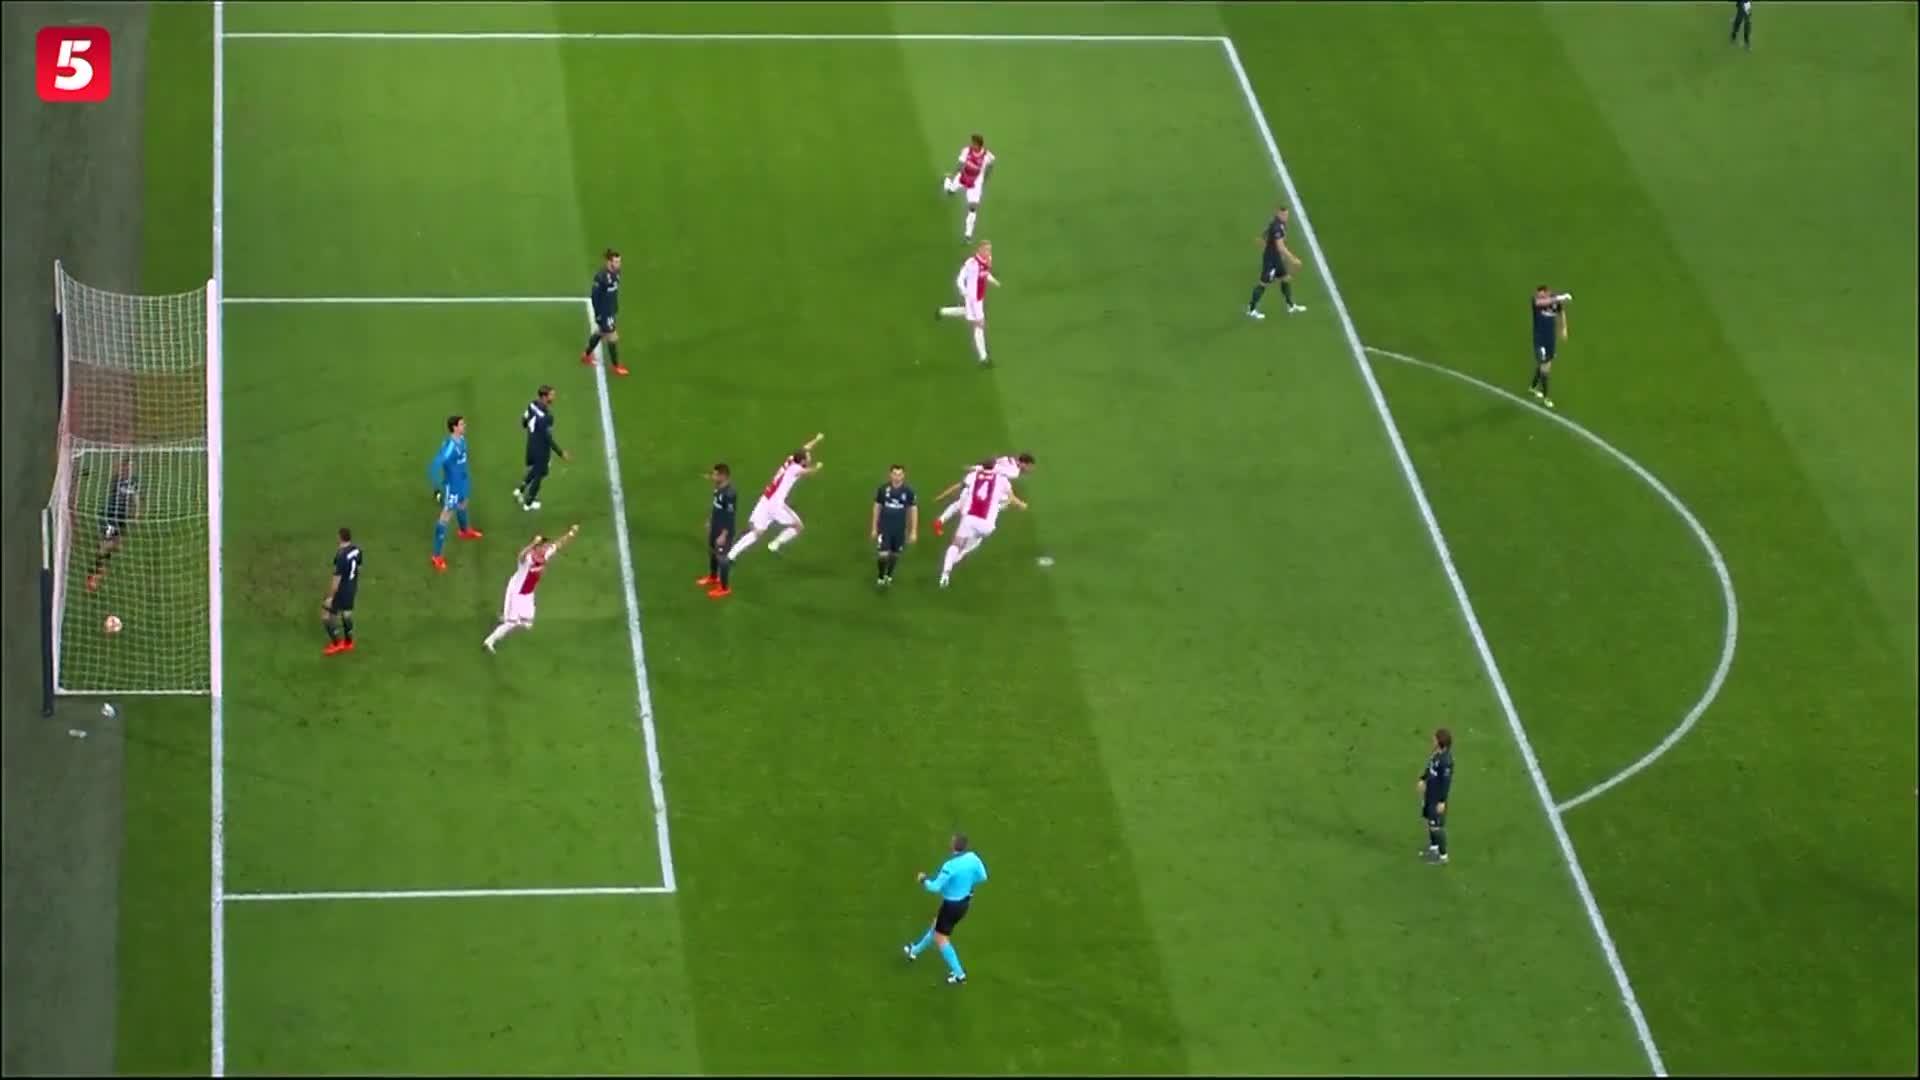 [视频]欧冠:皇马2-1阿贾克斯 阿森西奥绝杀